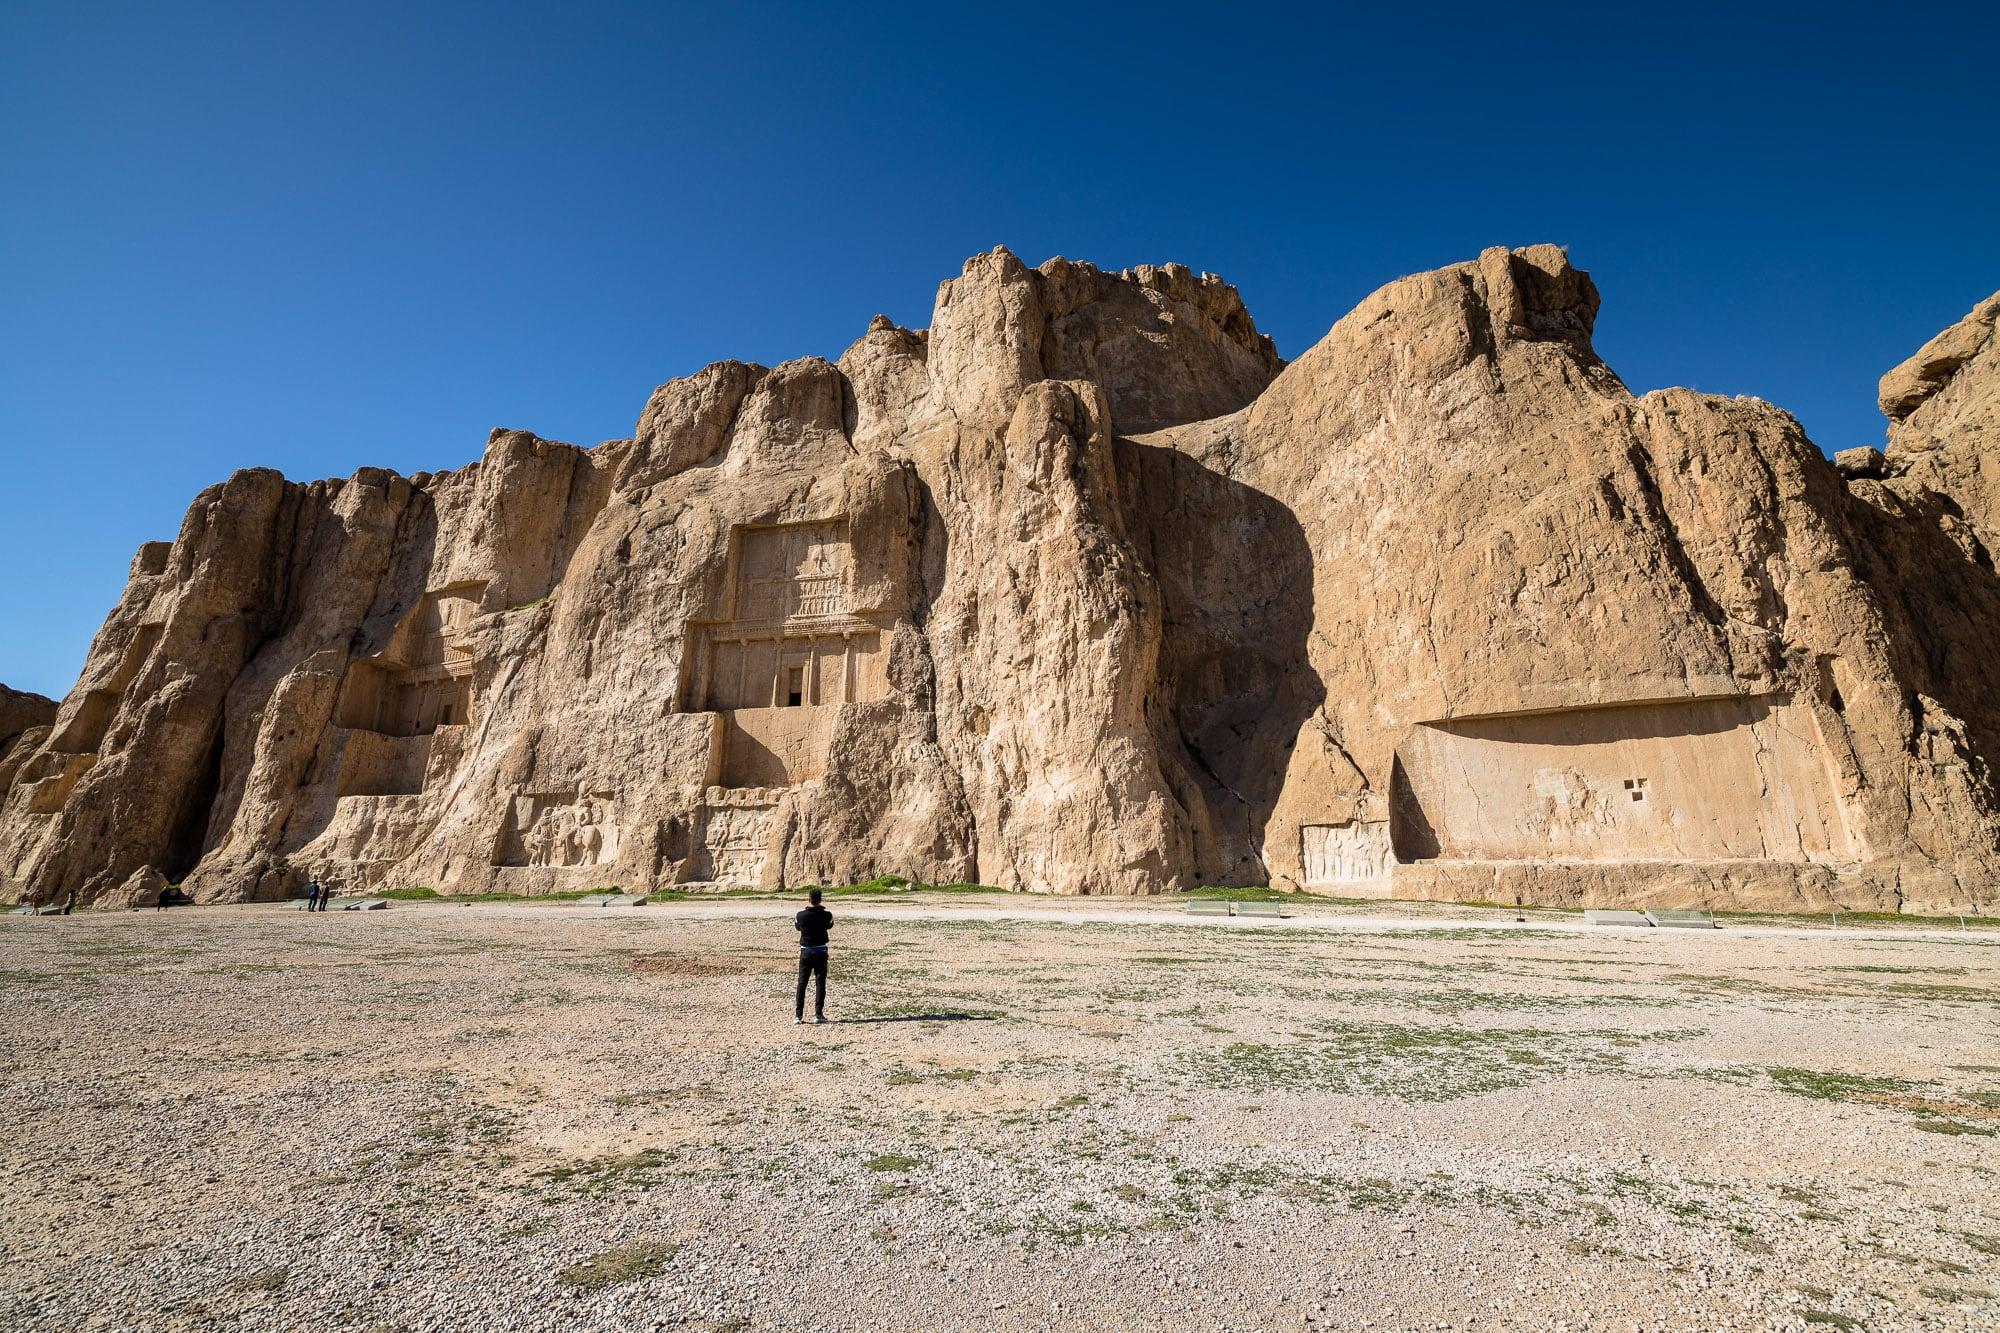 Tomb of Darius at Naqsh-e Rustam